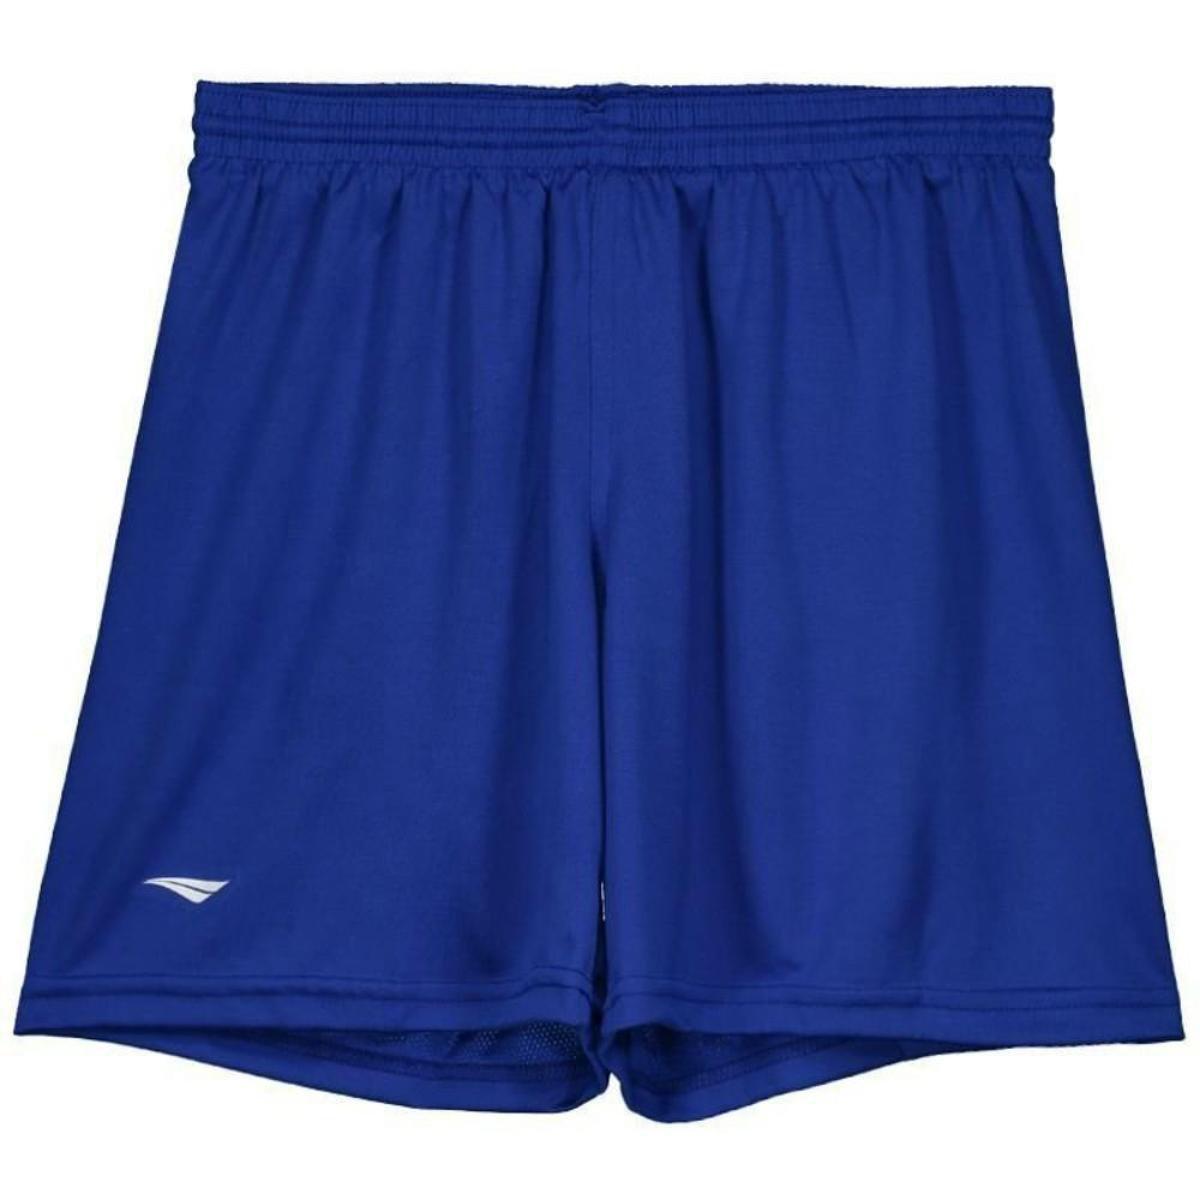 Calção Penalty Matis Vii Juvenil Masculino - Azul - Compre Agora ... aee686a42307e